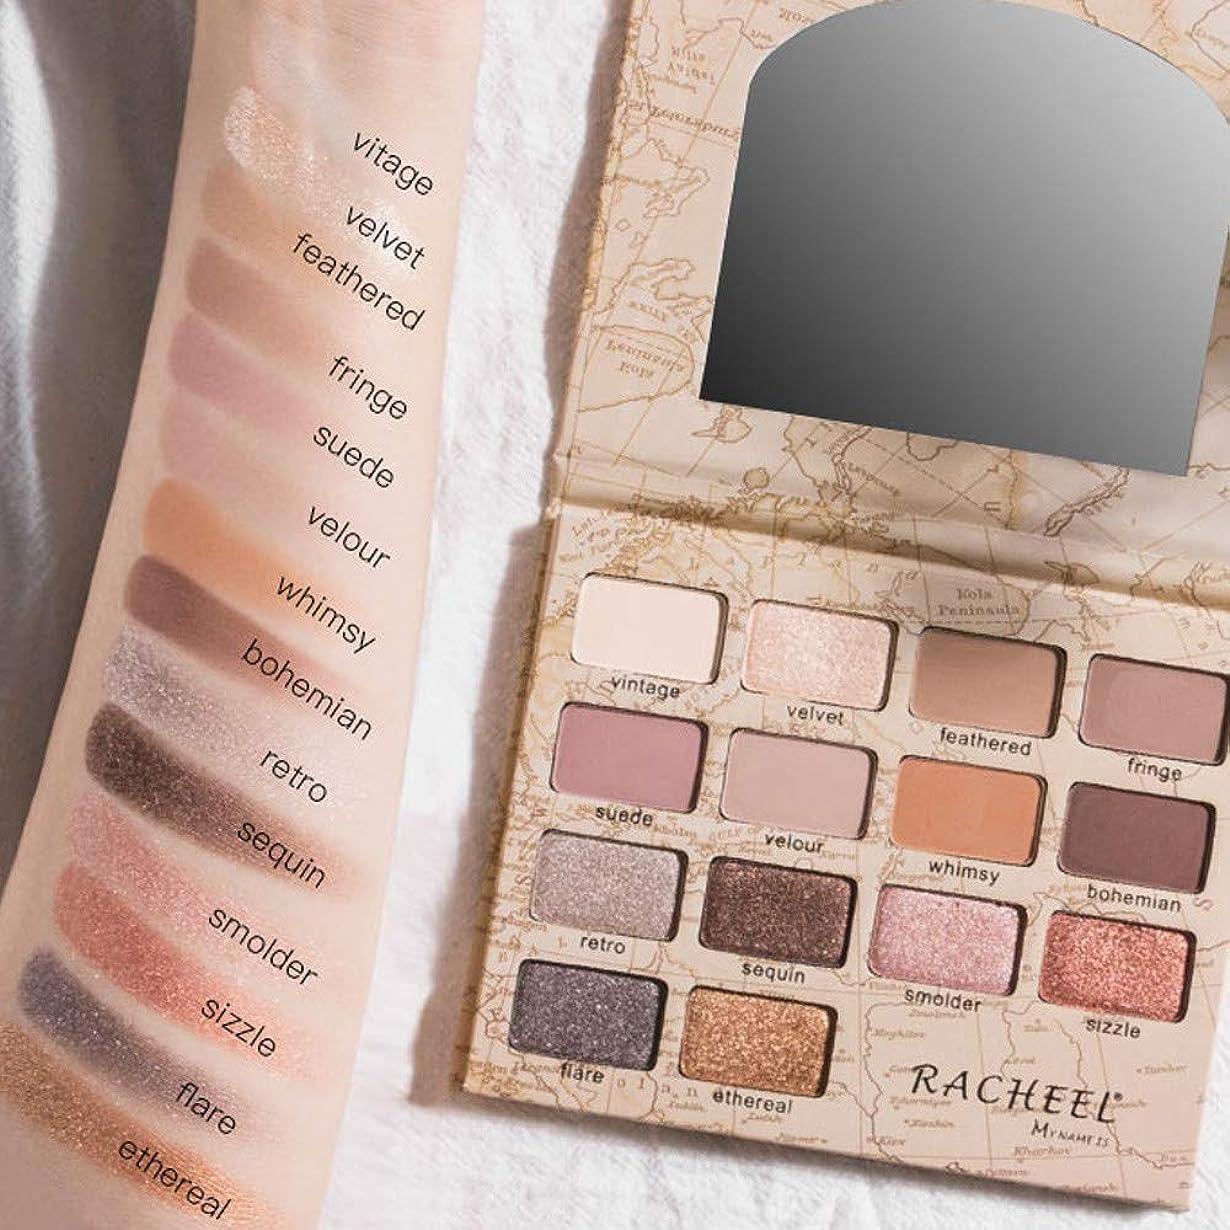 議論するインタフェース切手Akane アイシャドウパレット MY NAME IS RACHEEL ファッション 気質的 プロ 魅力的 綺麗 人気 長持ち マット チャーム おしゃれ 持ち便利 Eye Shadow (14色)